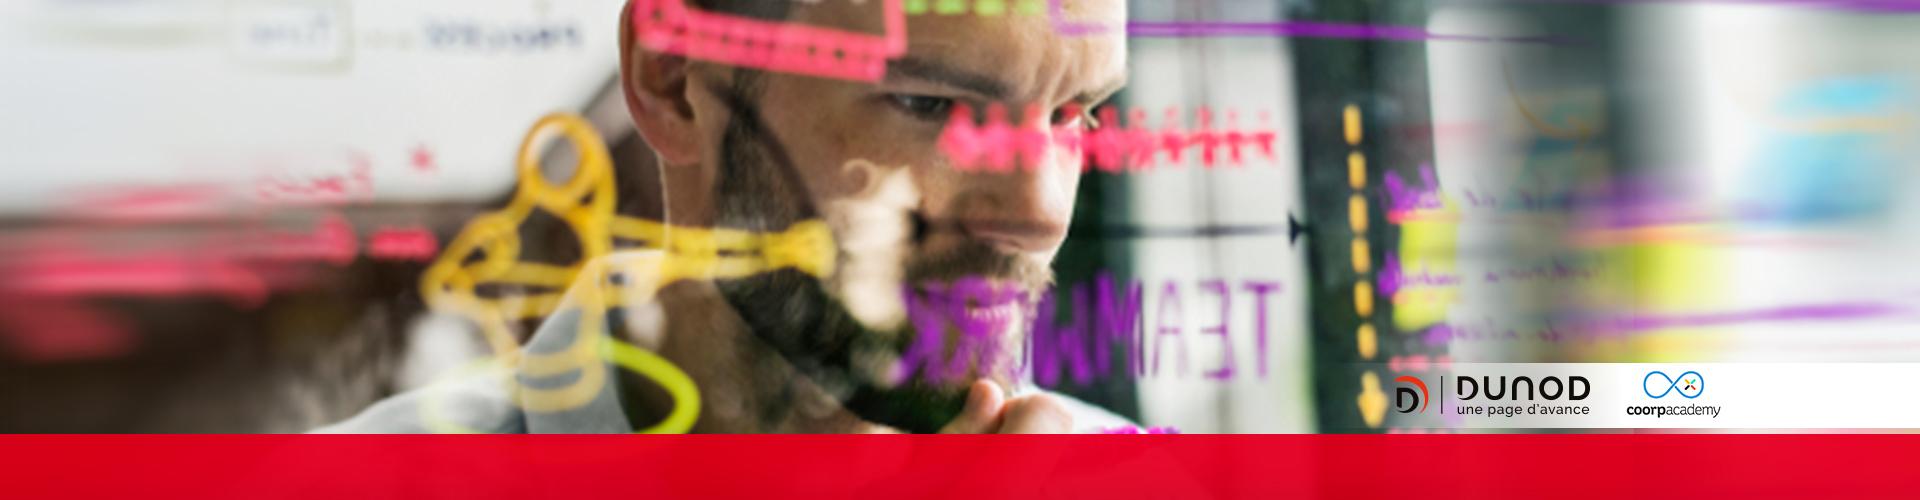 Formation digitale : Boostez votre créativité avec le Mind Mapping ! Coorpacademy & Dunod